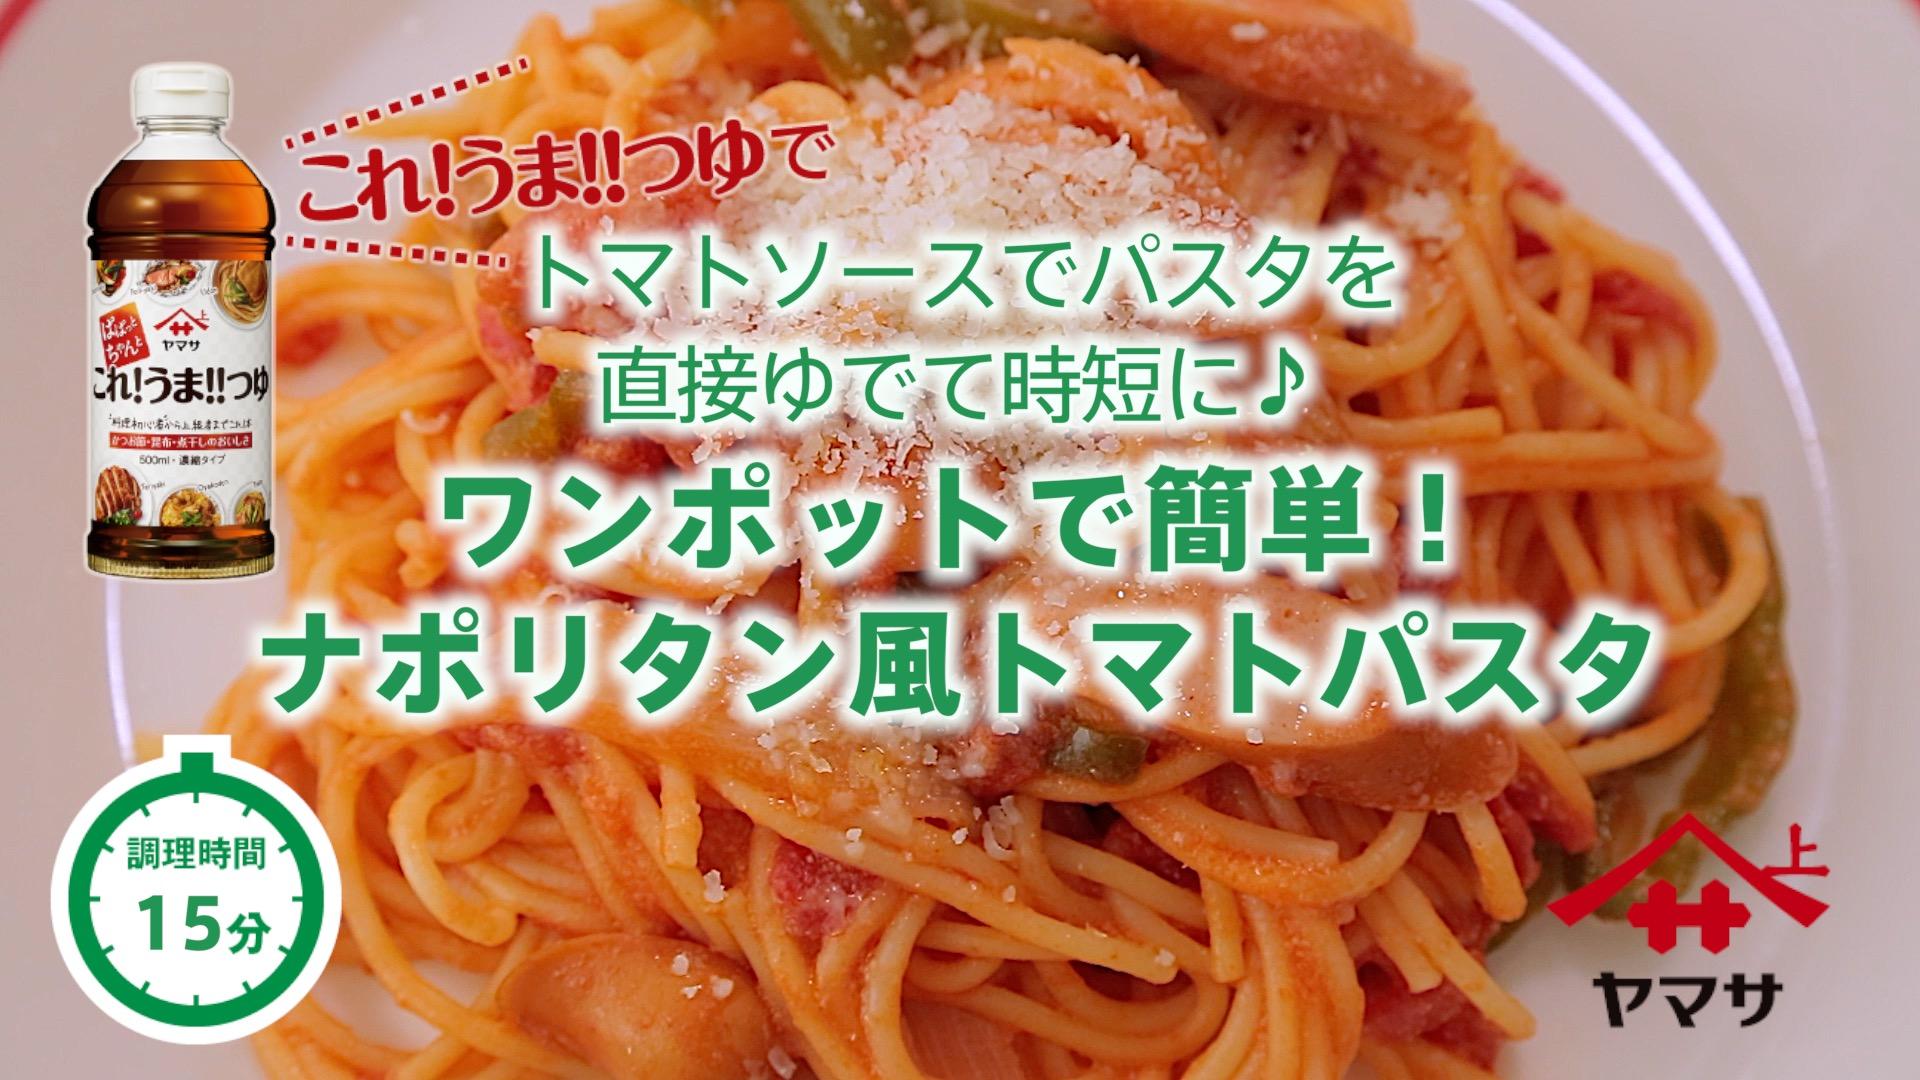 ワンポットで簡単!ナポリタン風トマトパスタ